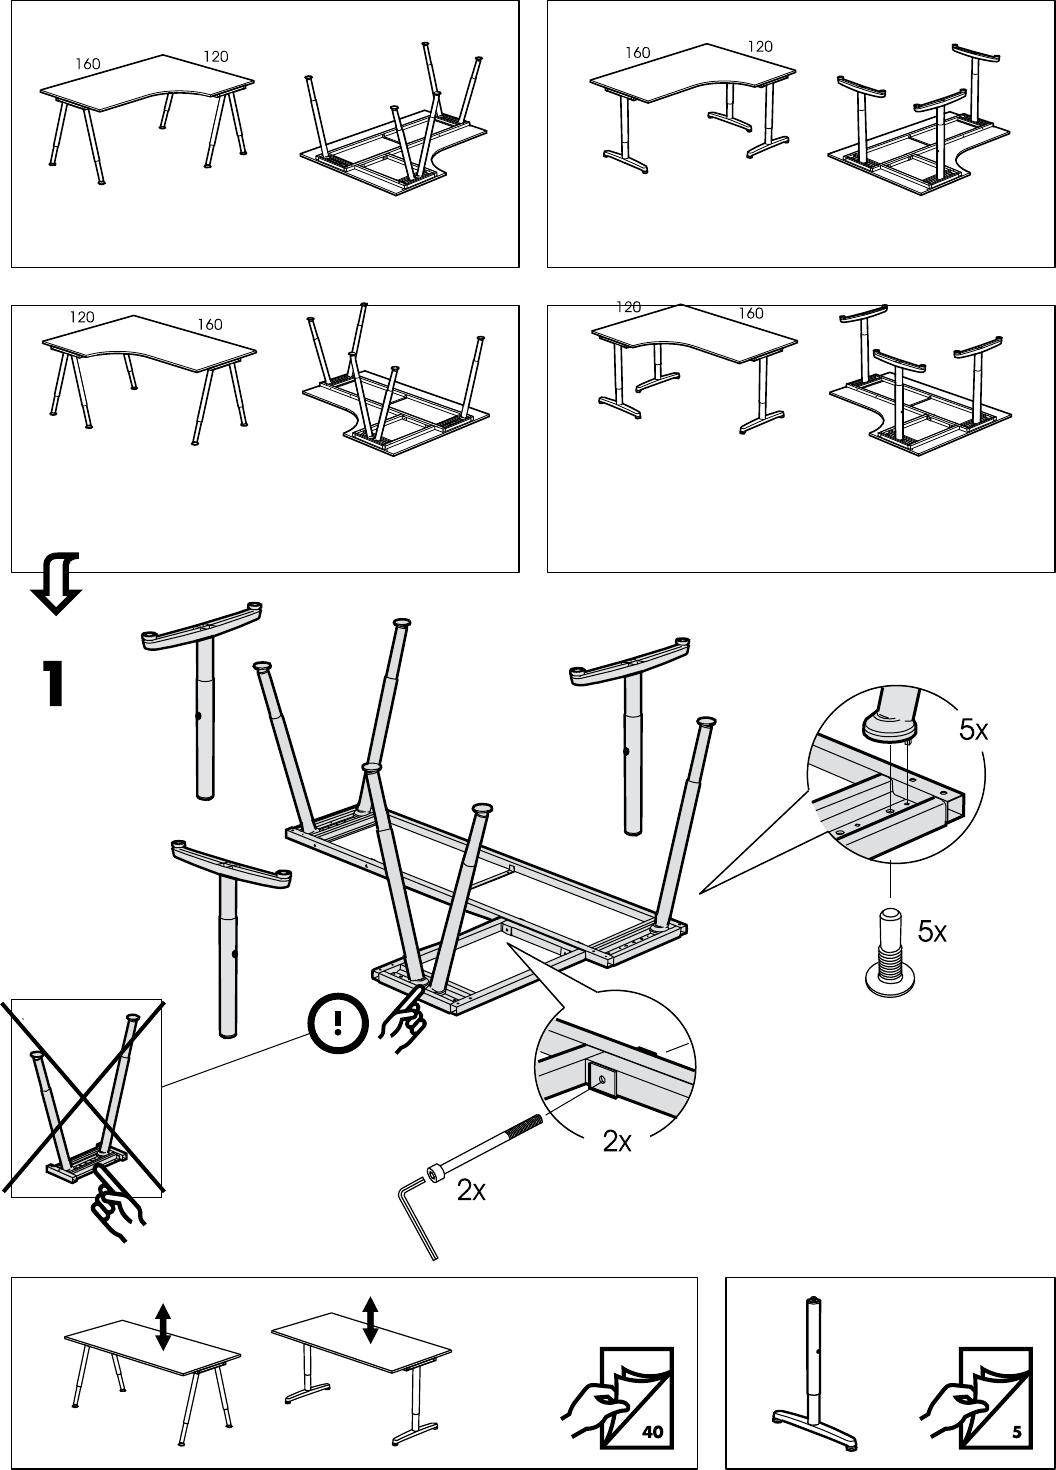 Handleiding Ikea Galant Pagina 17 Van 40 Dansk Deutsch